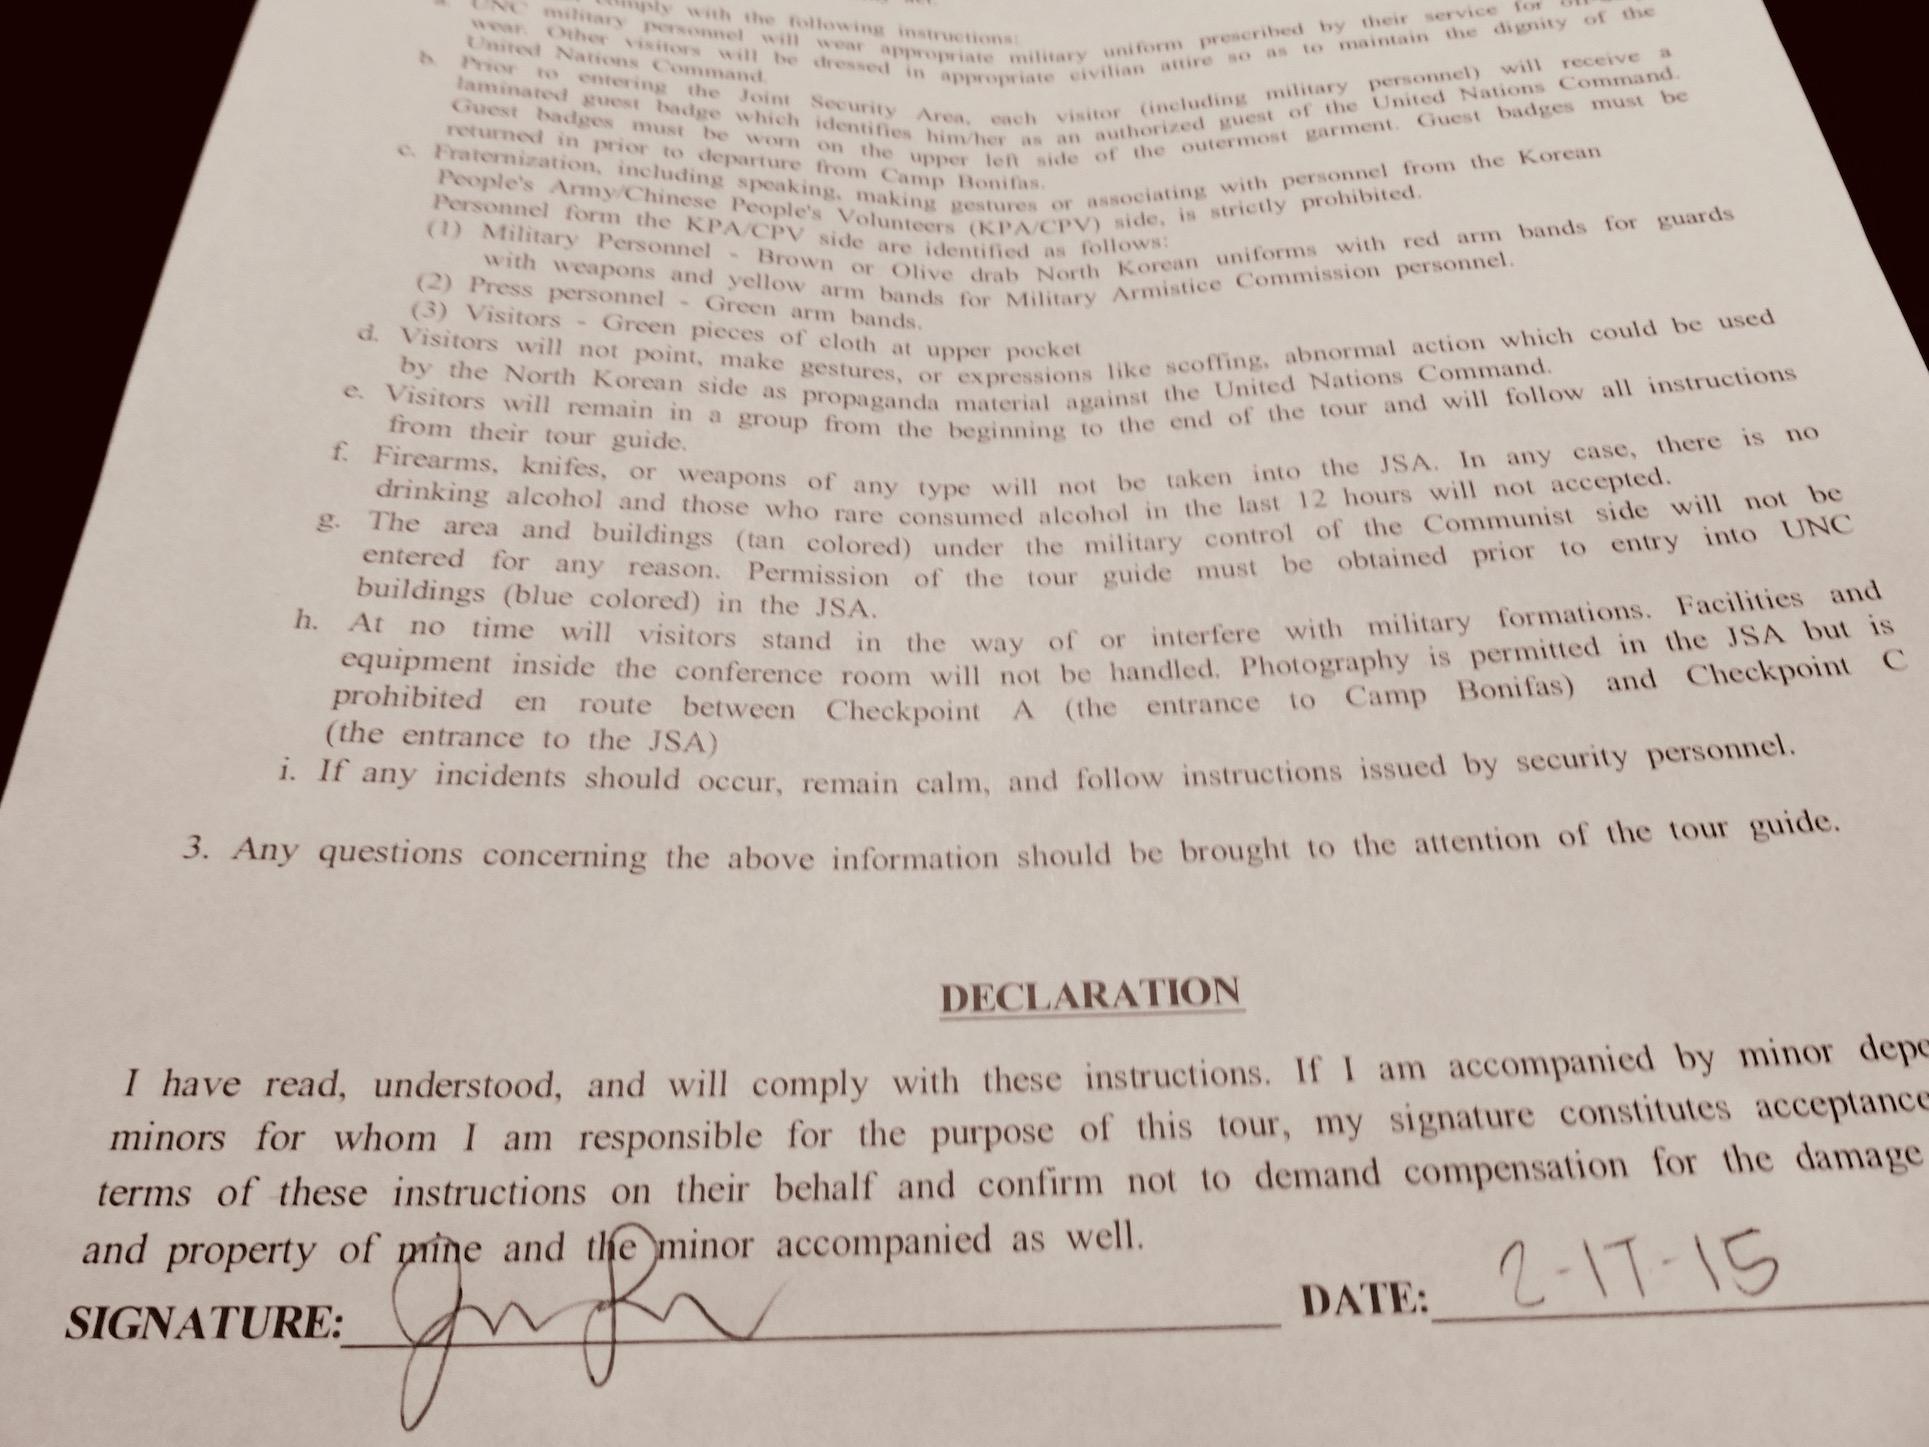 No liability agreement DMZ Tour South Korea.